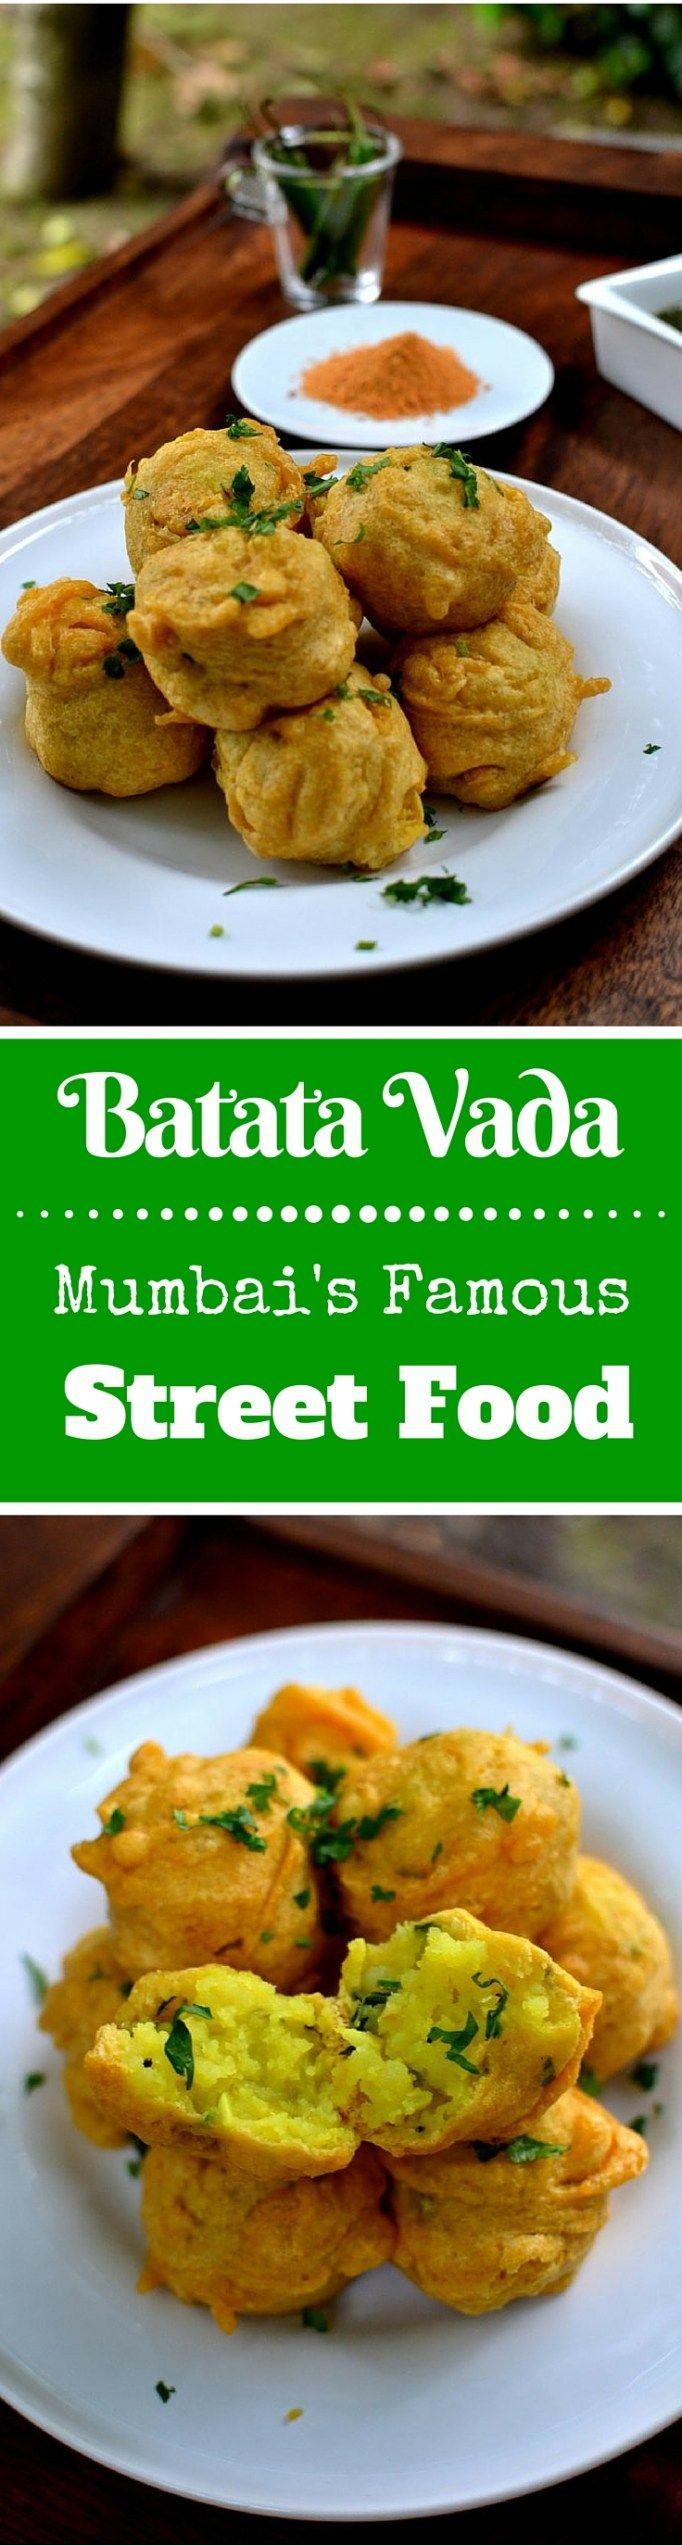 Mumbai-style Batata Vada | Spice in the City